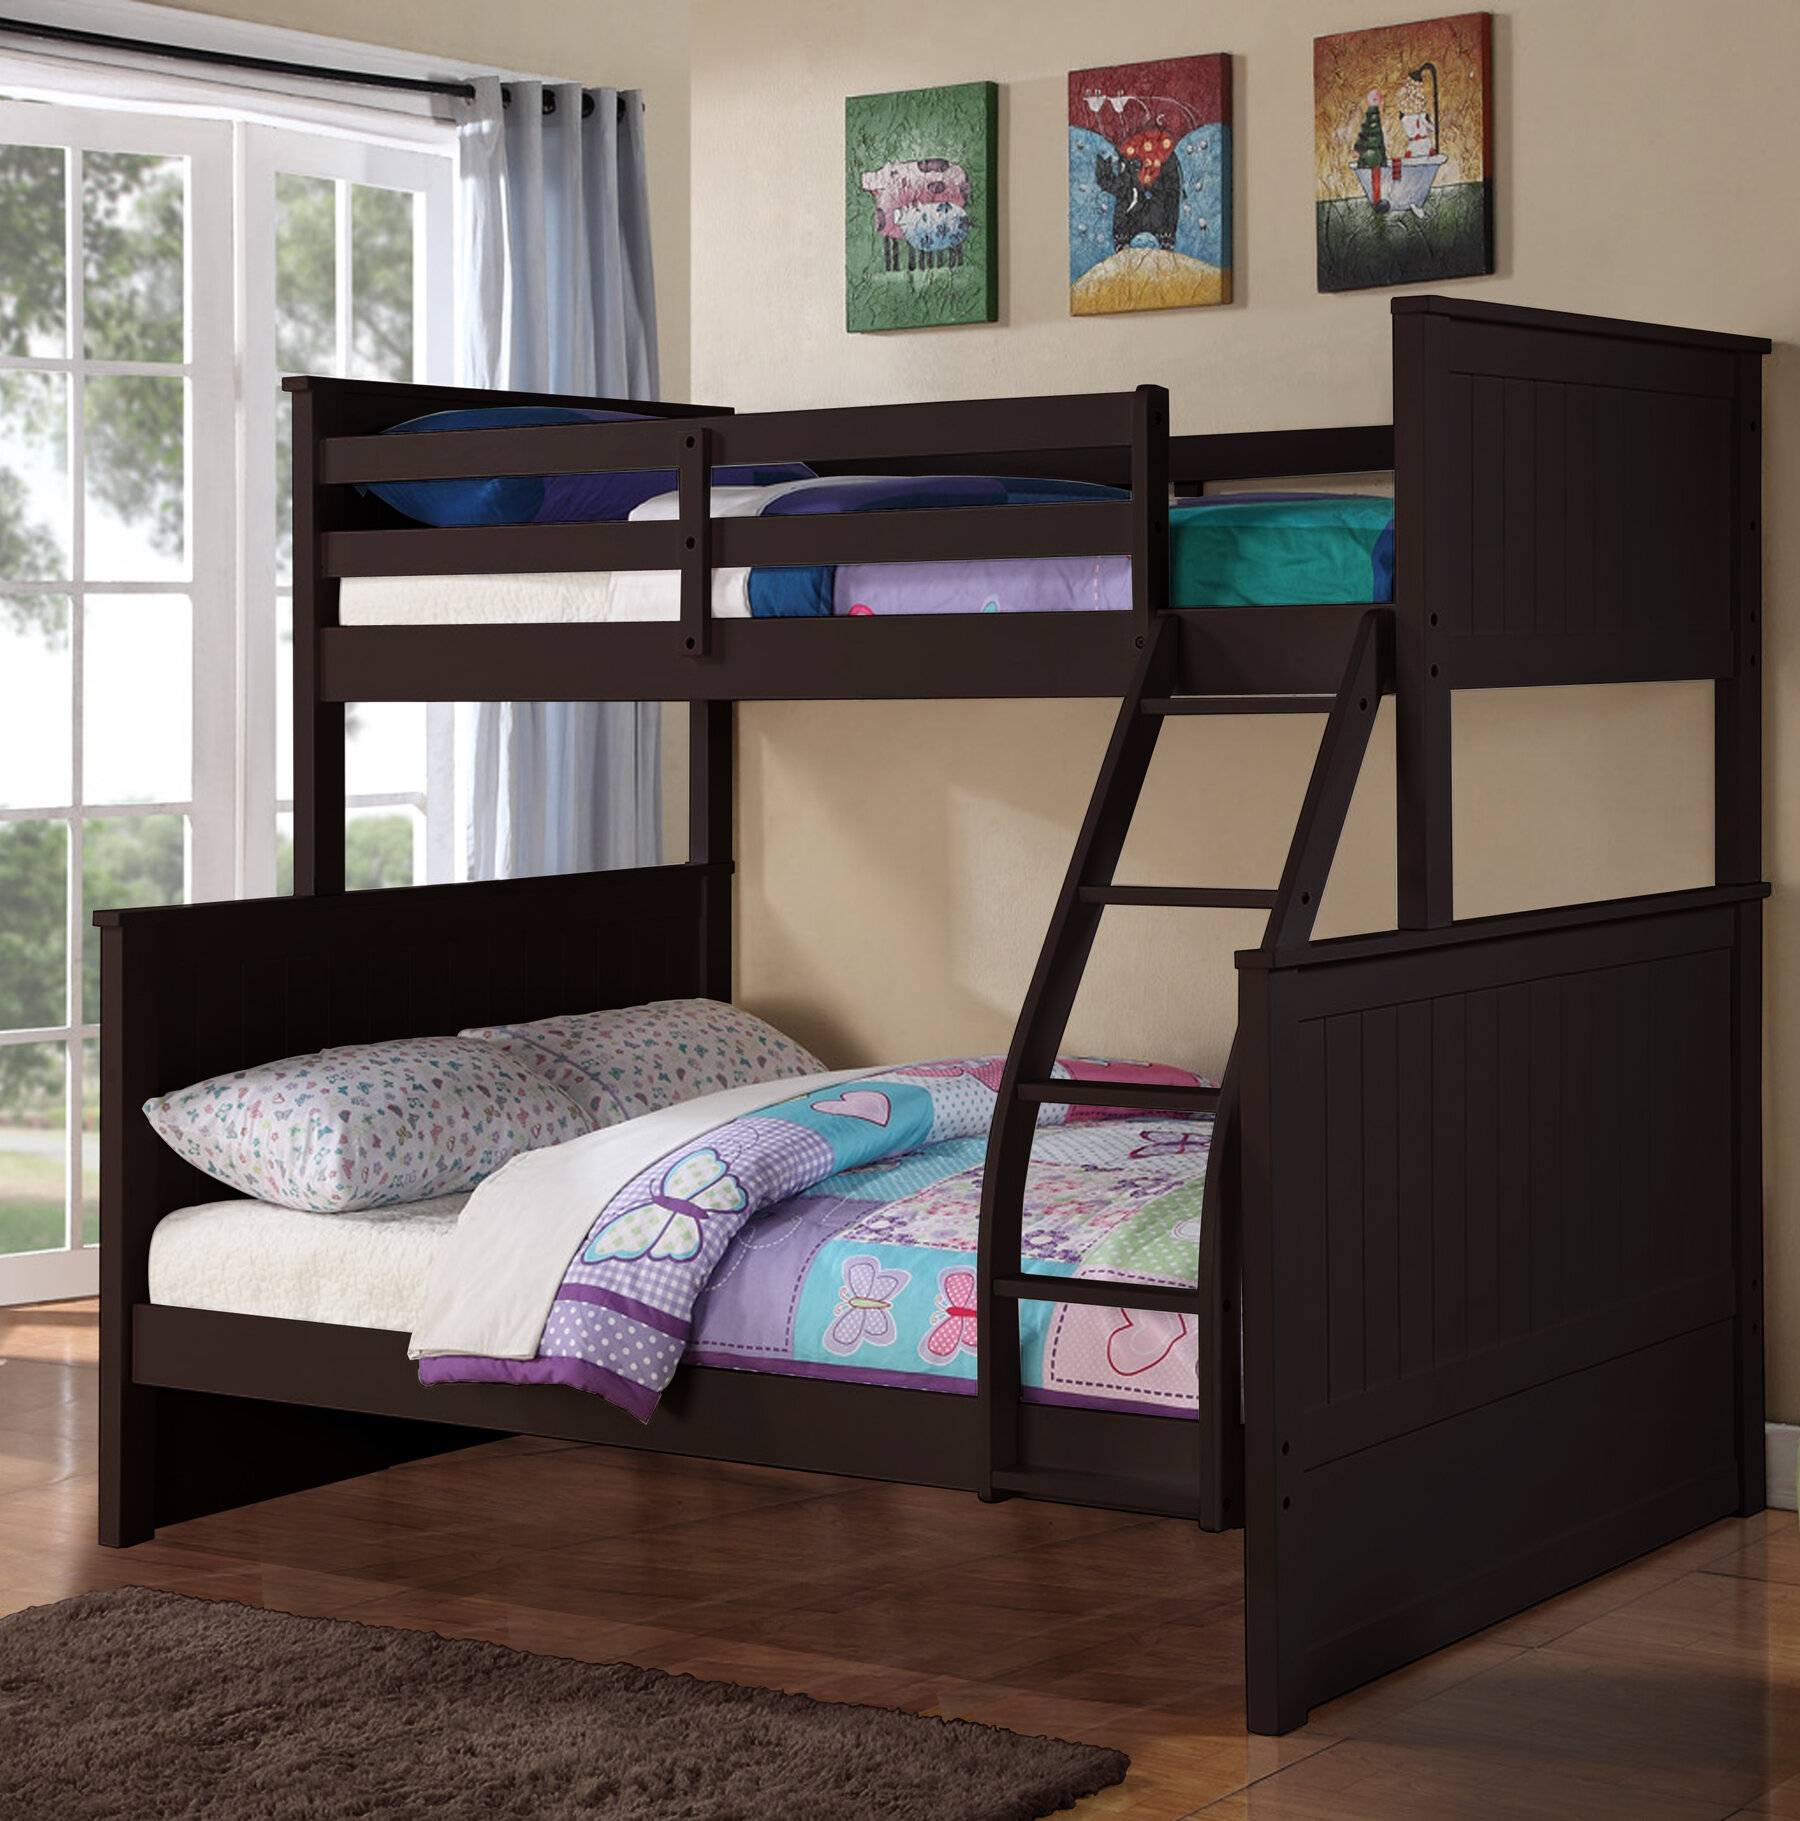 Harriet Bee Gertrude Twin Over Full Bunk Bed Reviews Wayfair